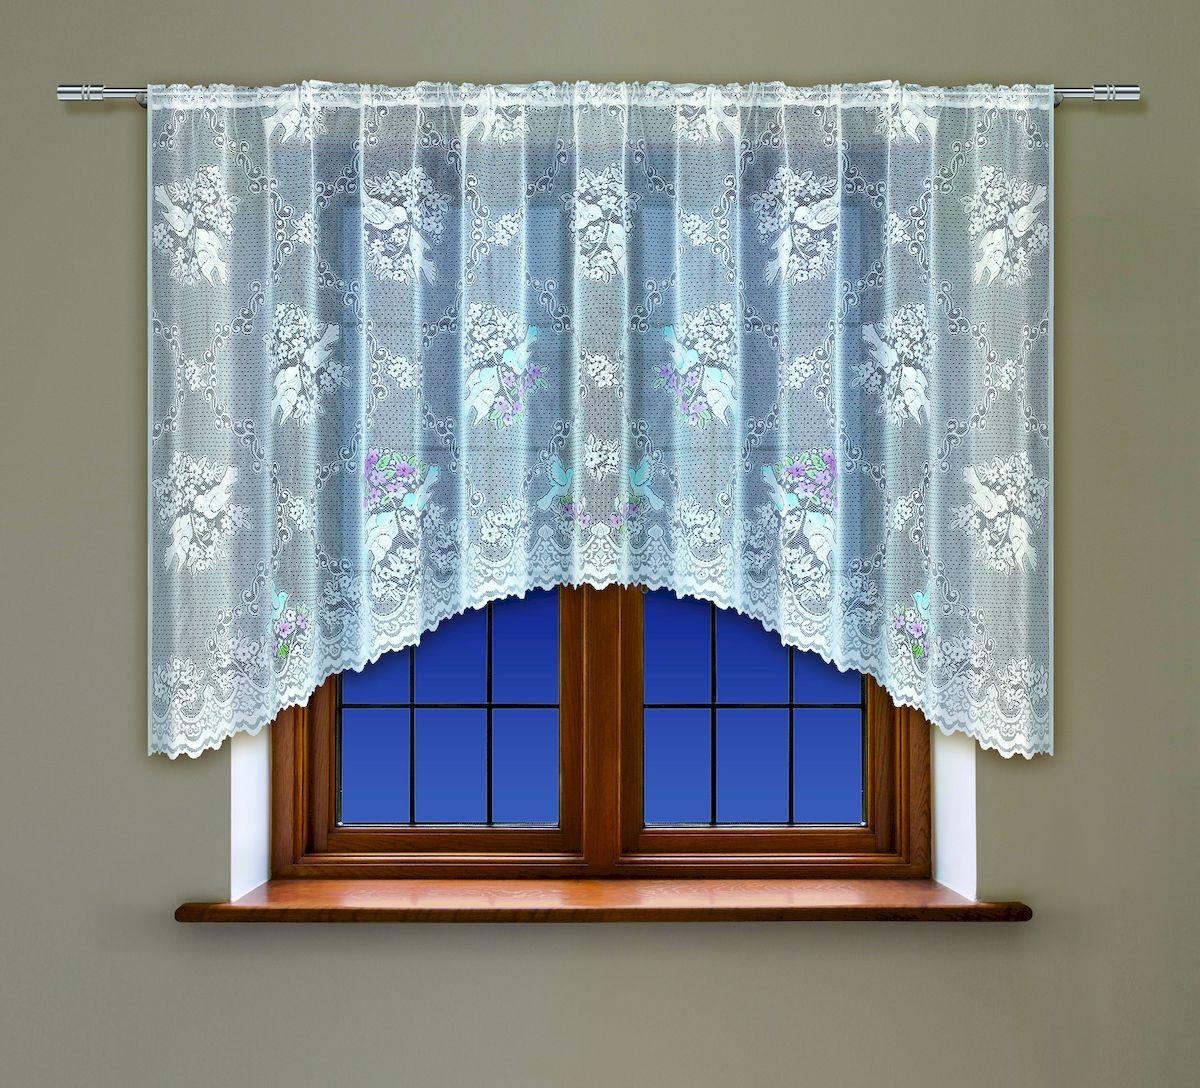 Гардина Haft, на кулиске, цвет: белый, высота 160 см. 222161222161/160Воздушная гардина Haft, выполненная из полиэстера, великолепно украсит любое окно.Изделие имеет оригинальный дизайн и органично впишется в интерьер помещения.Гардина крепится на карниз при помощи кулиски.